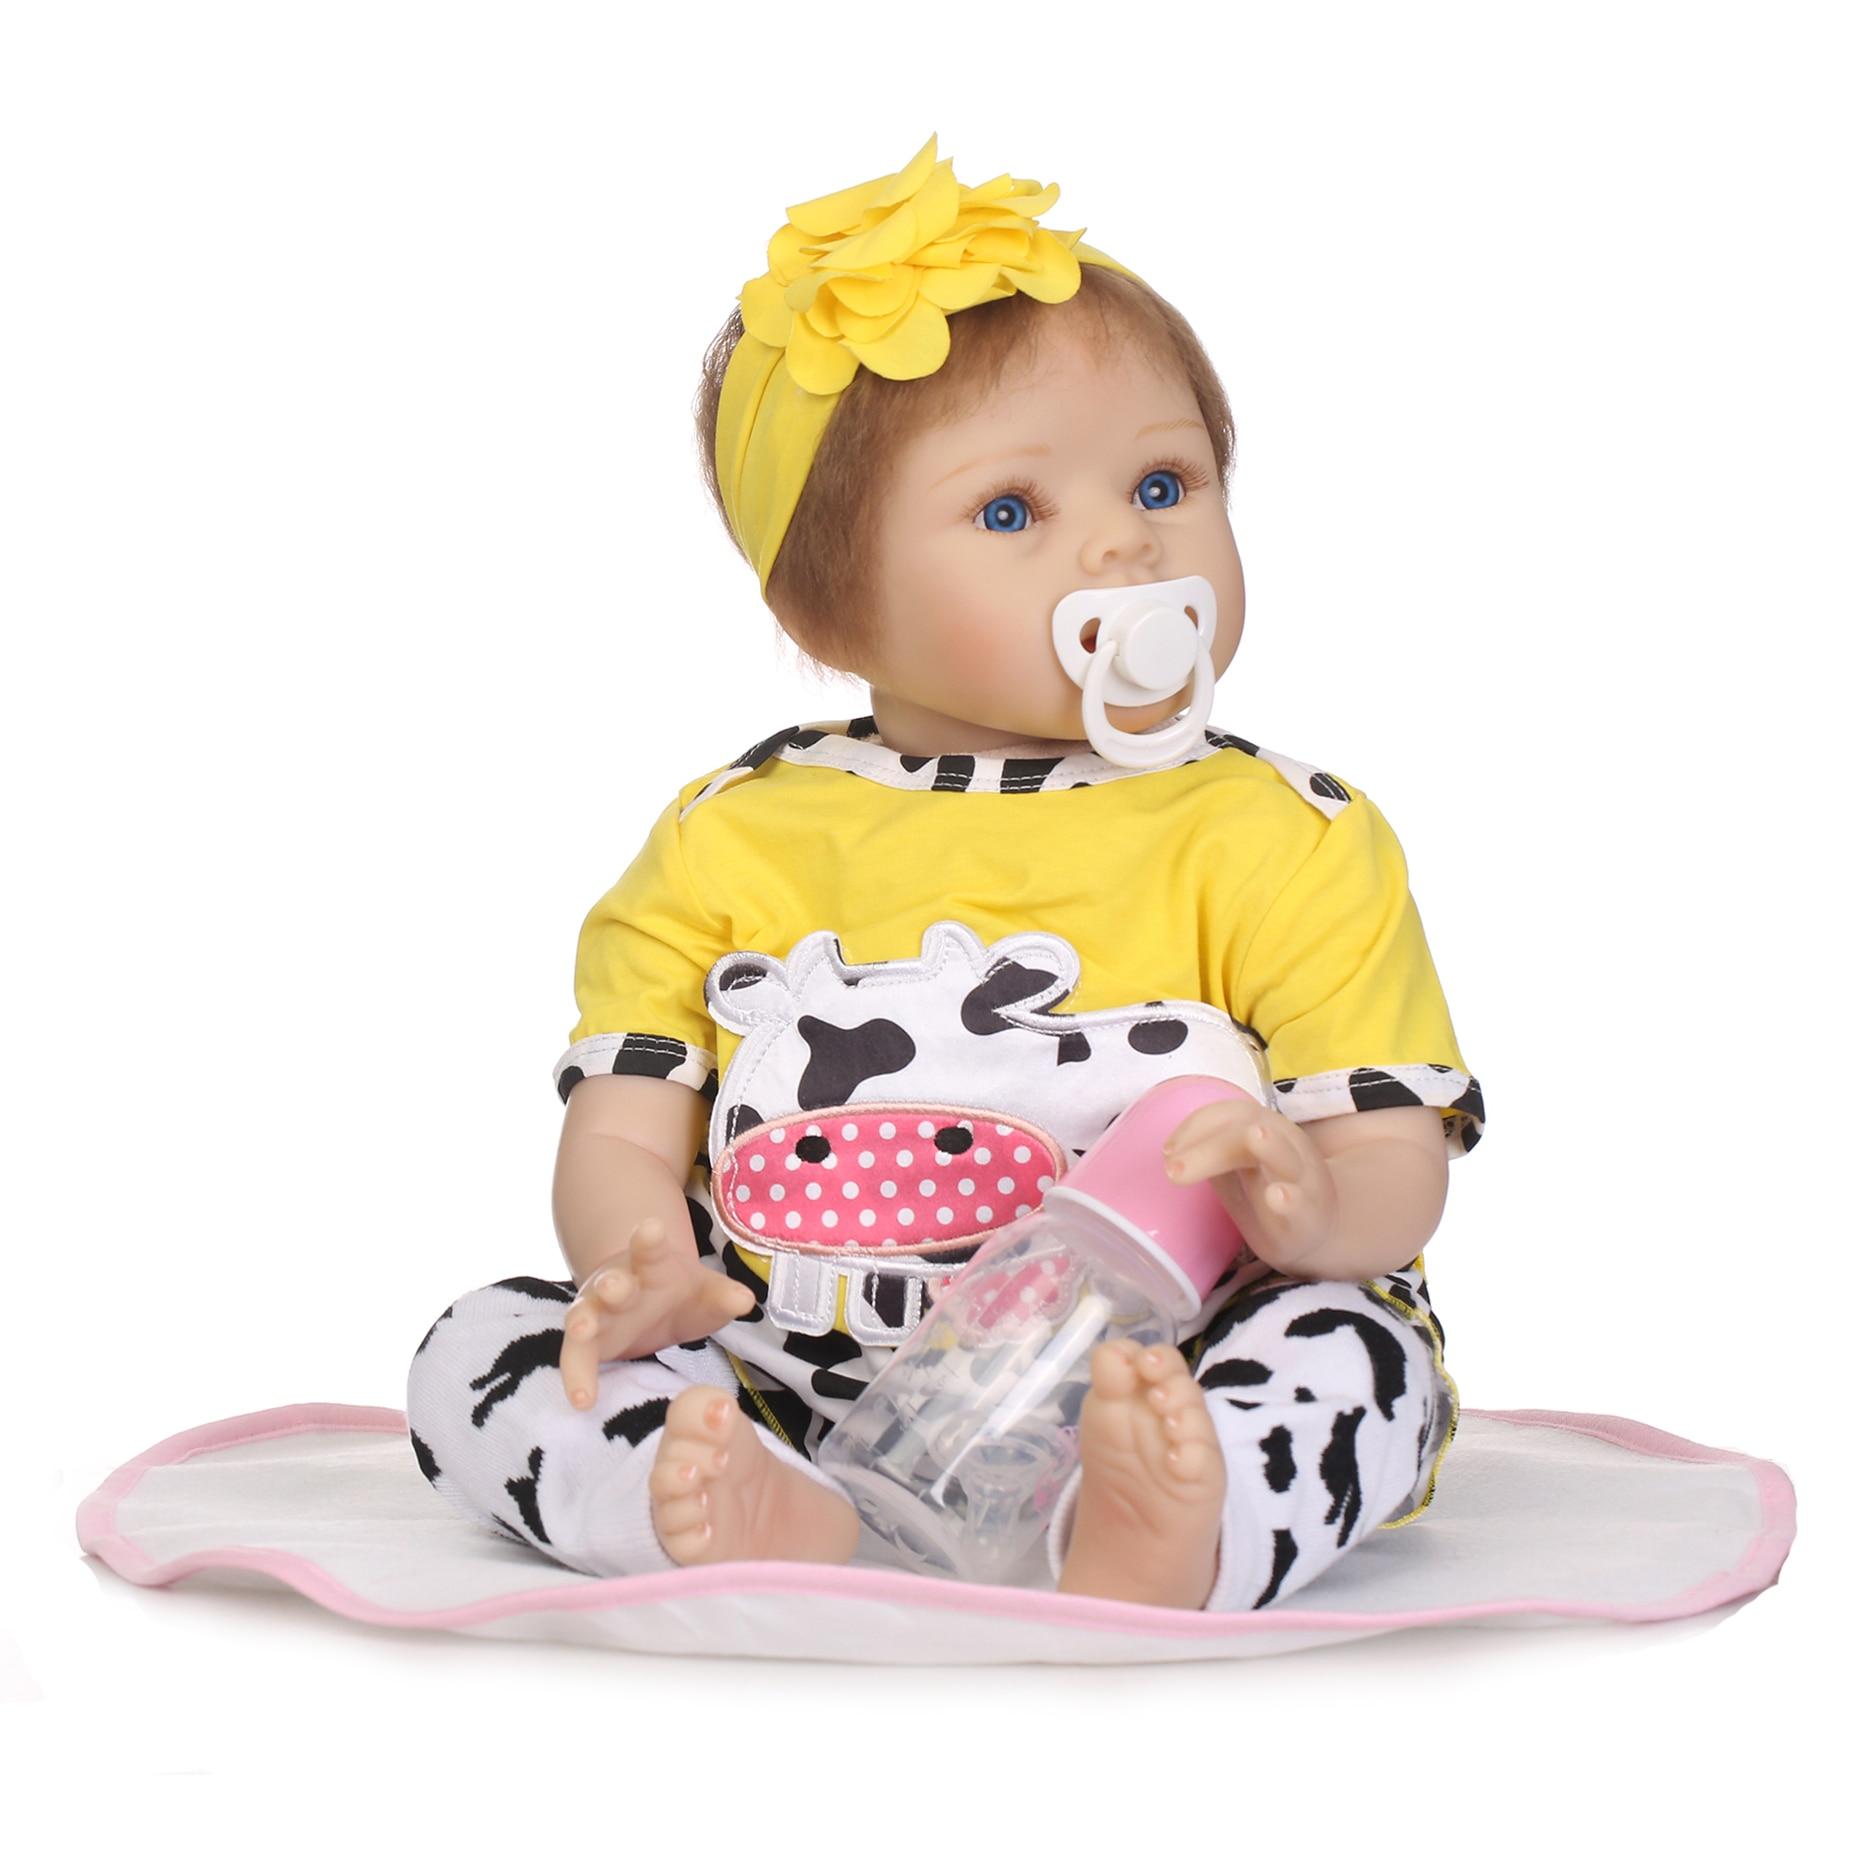 купить 22inch Soft Reborn Baby Doll Alive Lifelike Silicone Vinyl Newborn Bebe Reborn Doll Kids Birthday New Year Gifts Play Toys по цене 5360.92 рублей